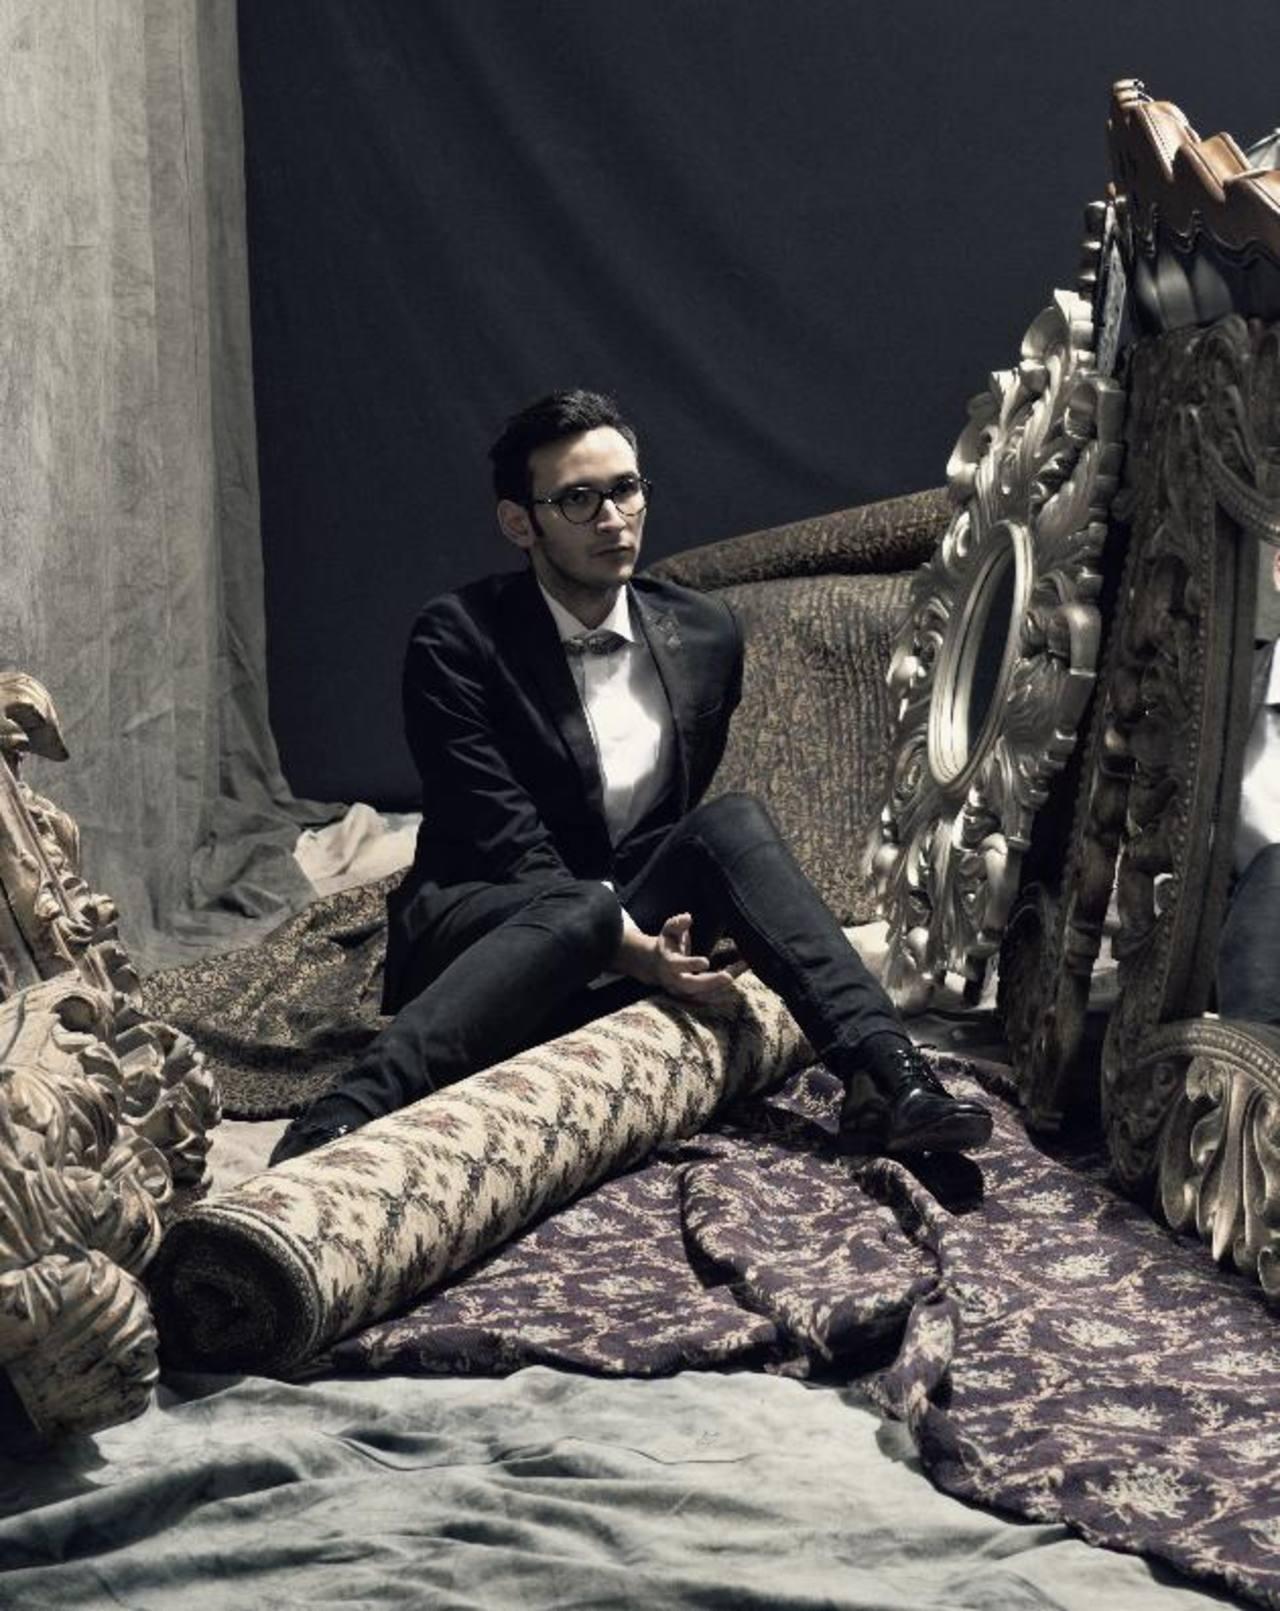 Zugarramurdi será la colección que presentará Edgar Navarro. /Foto: Manny Rionda.